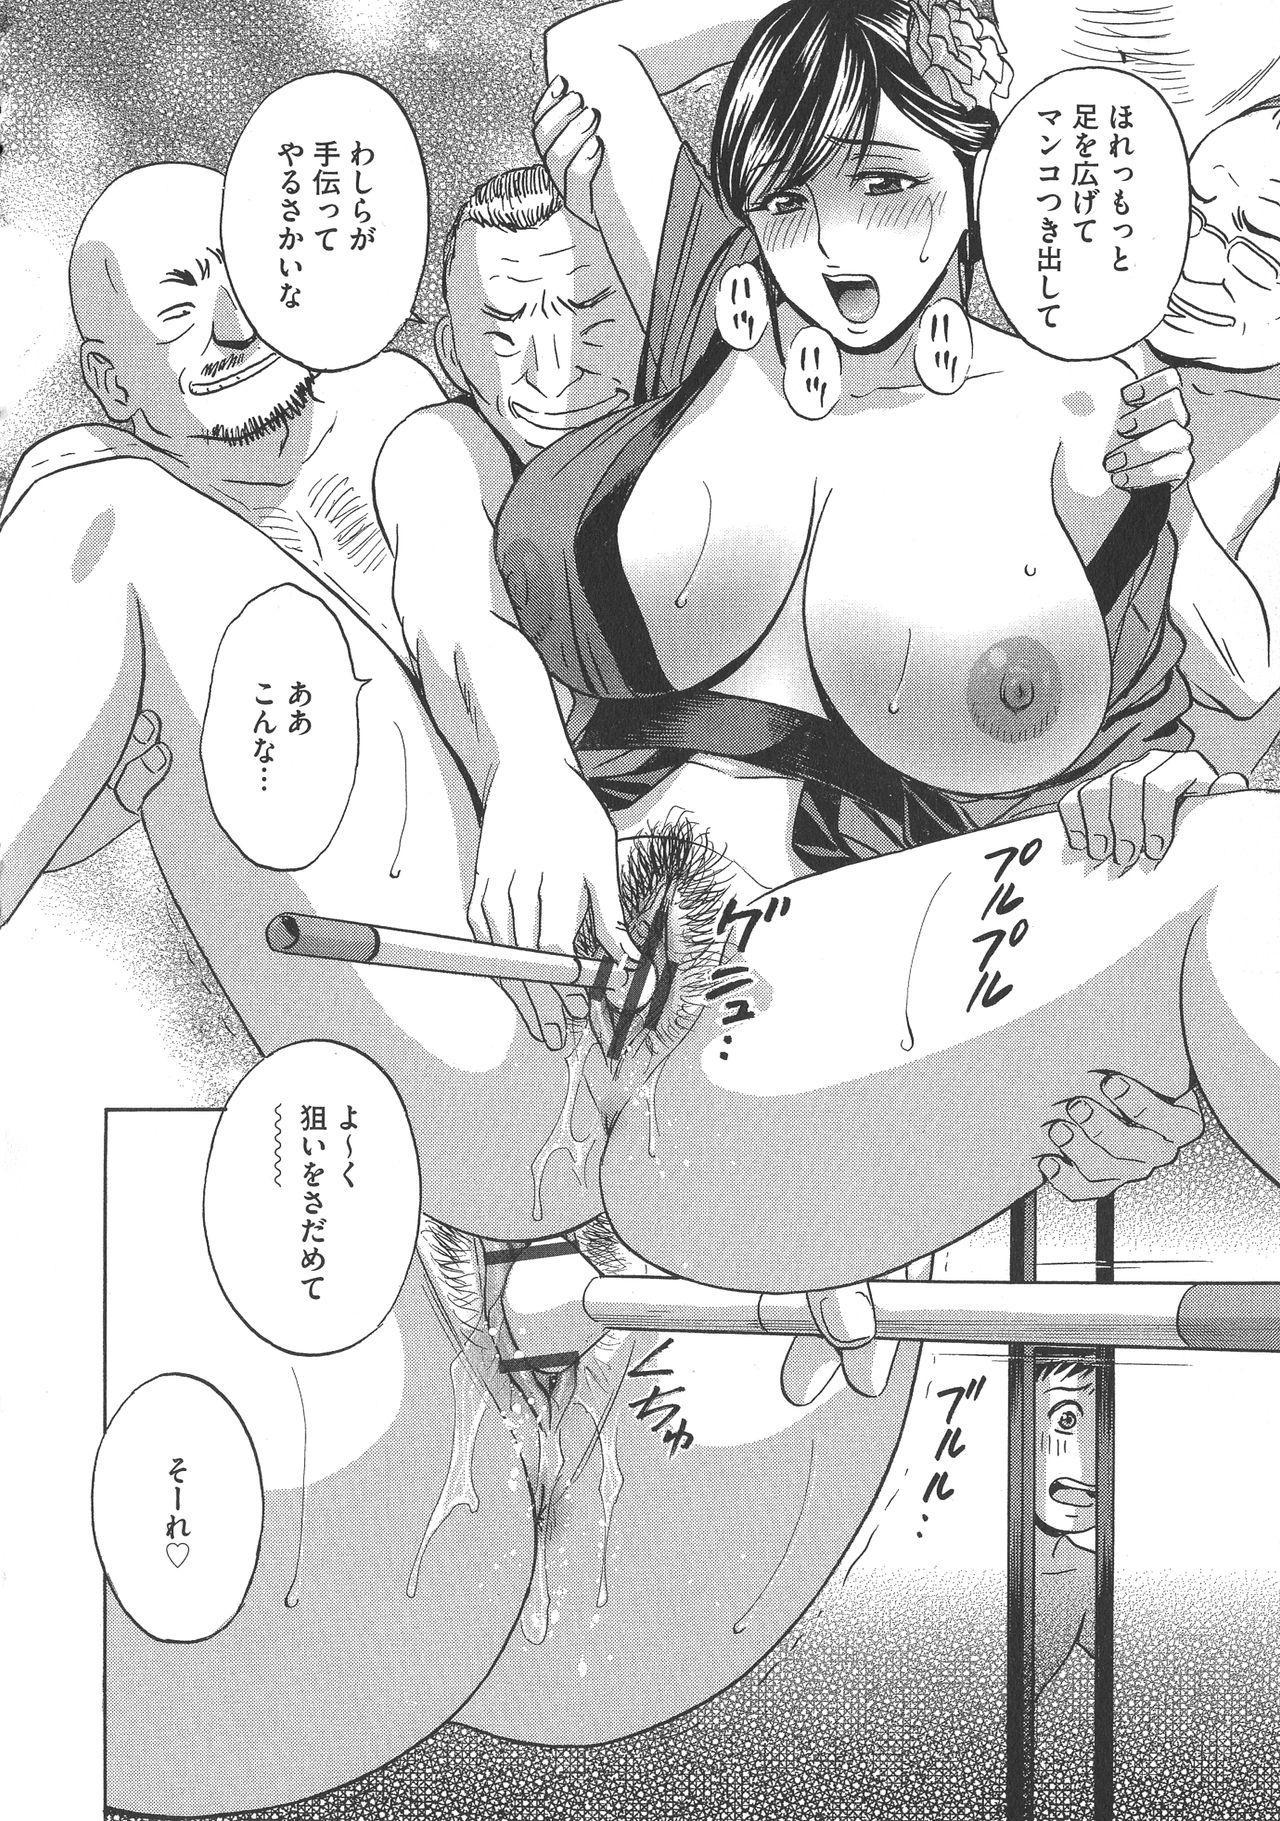 Chijoku ni Modaeru Haha no Chichi… 137